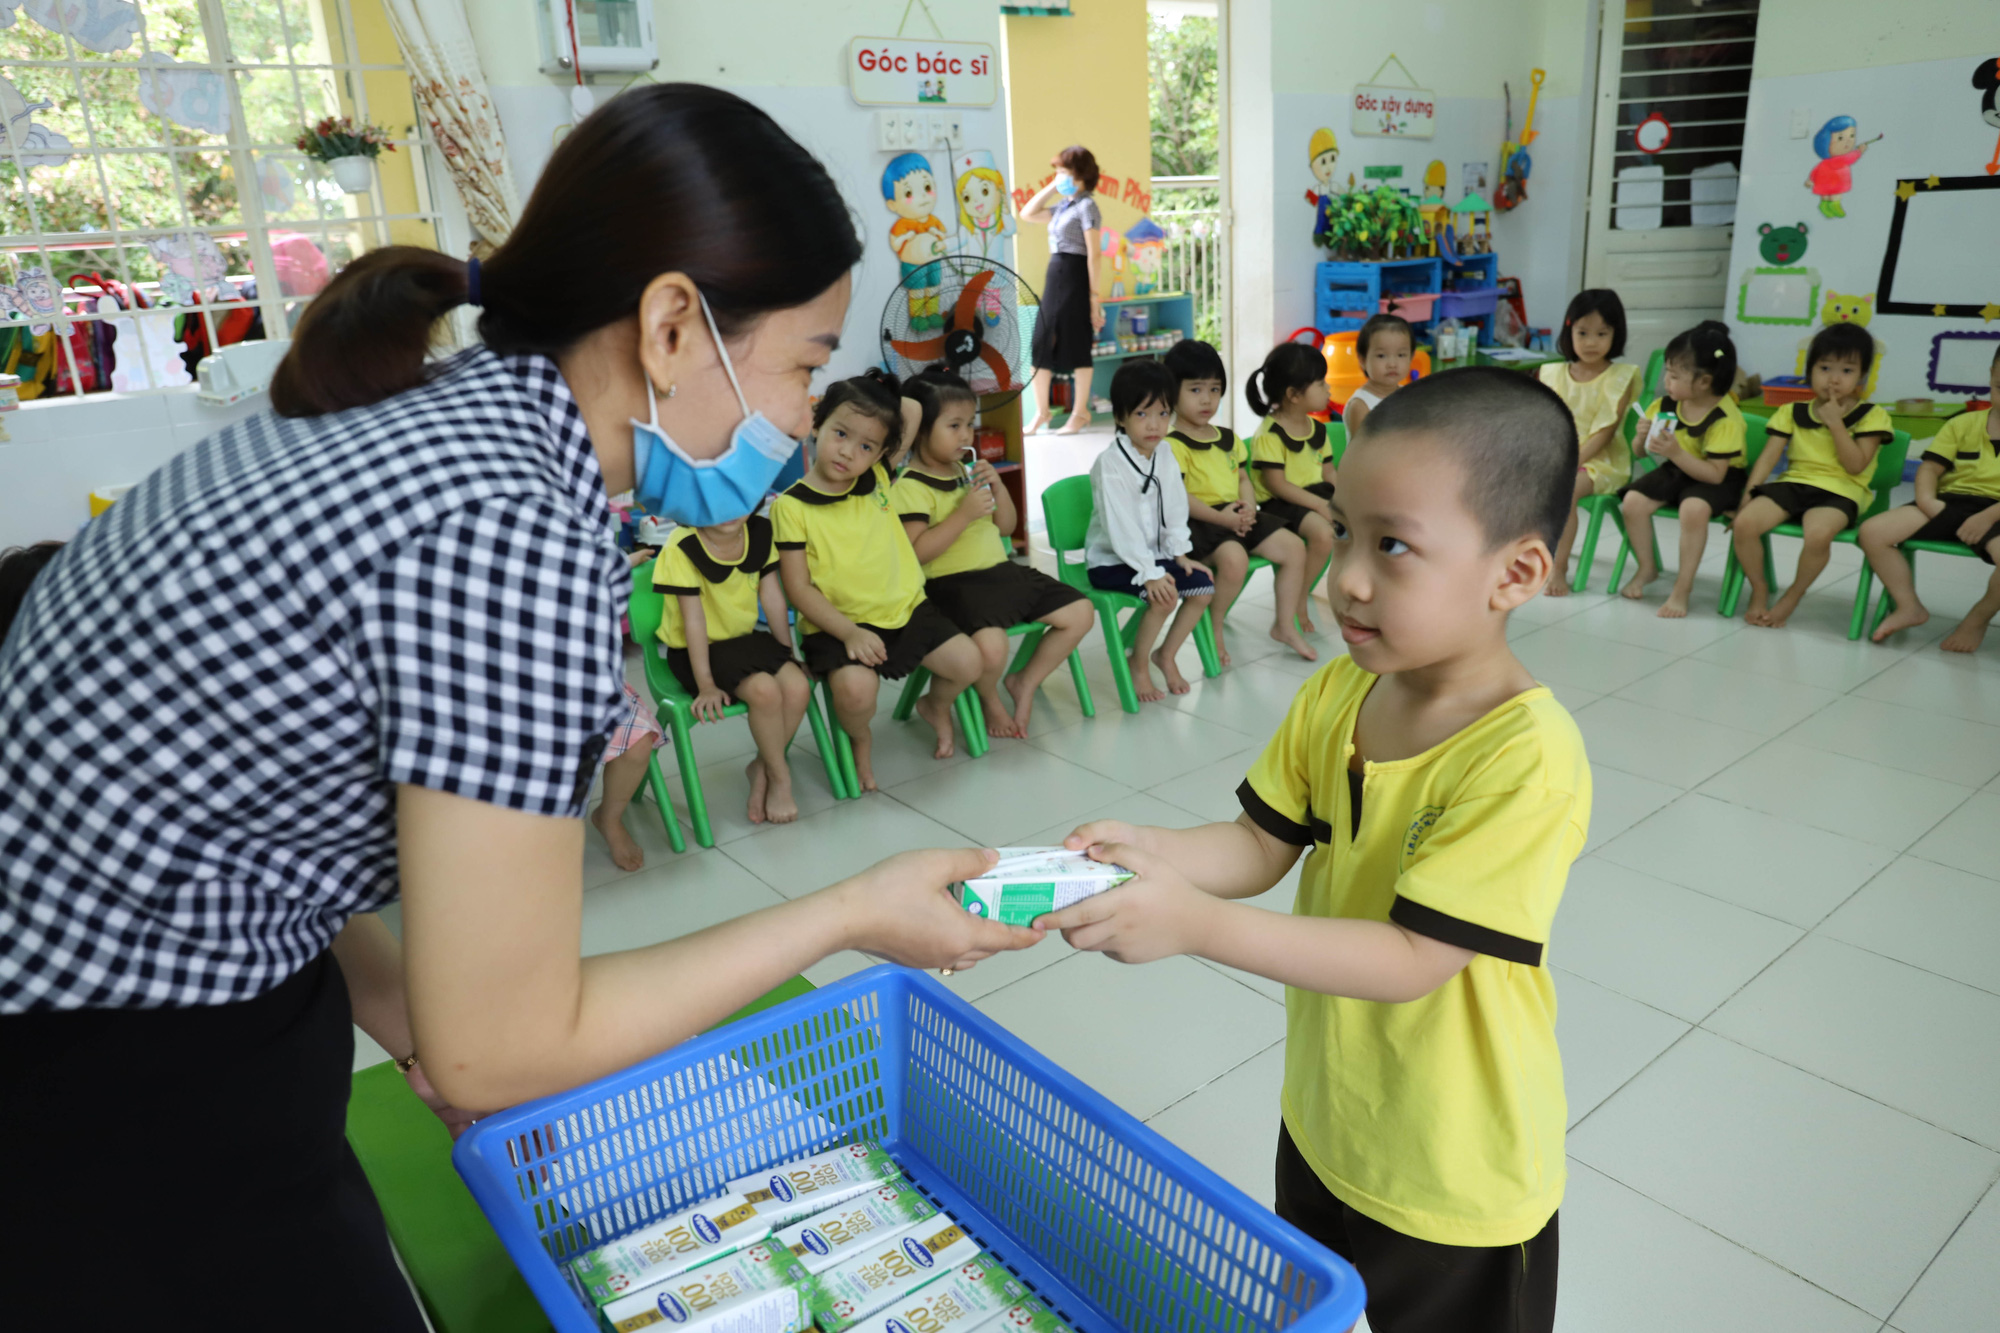 Đà Nẵng cho học sinh uống sữa học đường ngay ngày tựu trường - Ảnh 4.